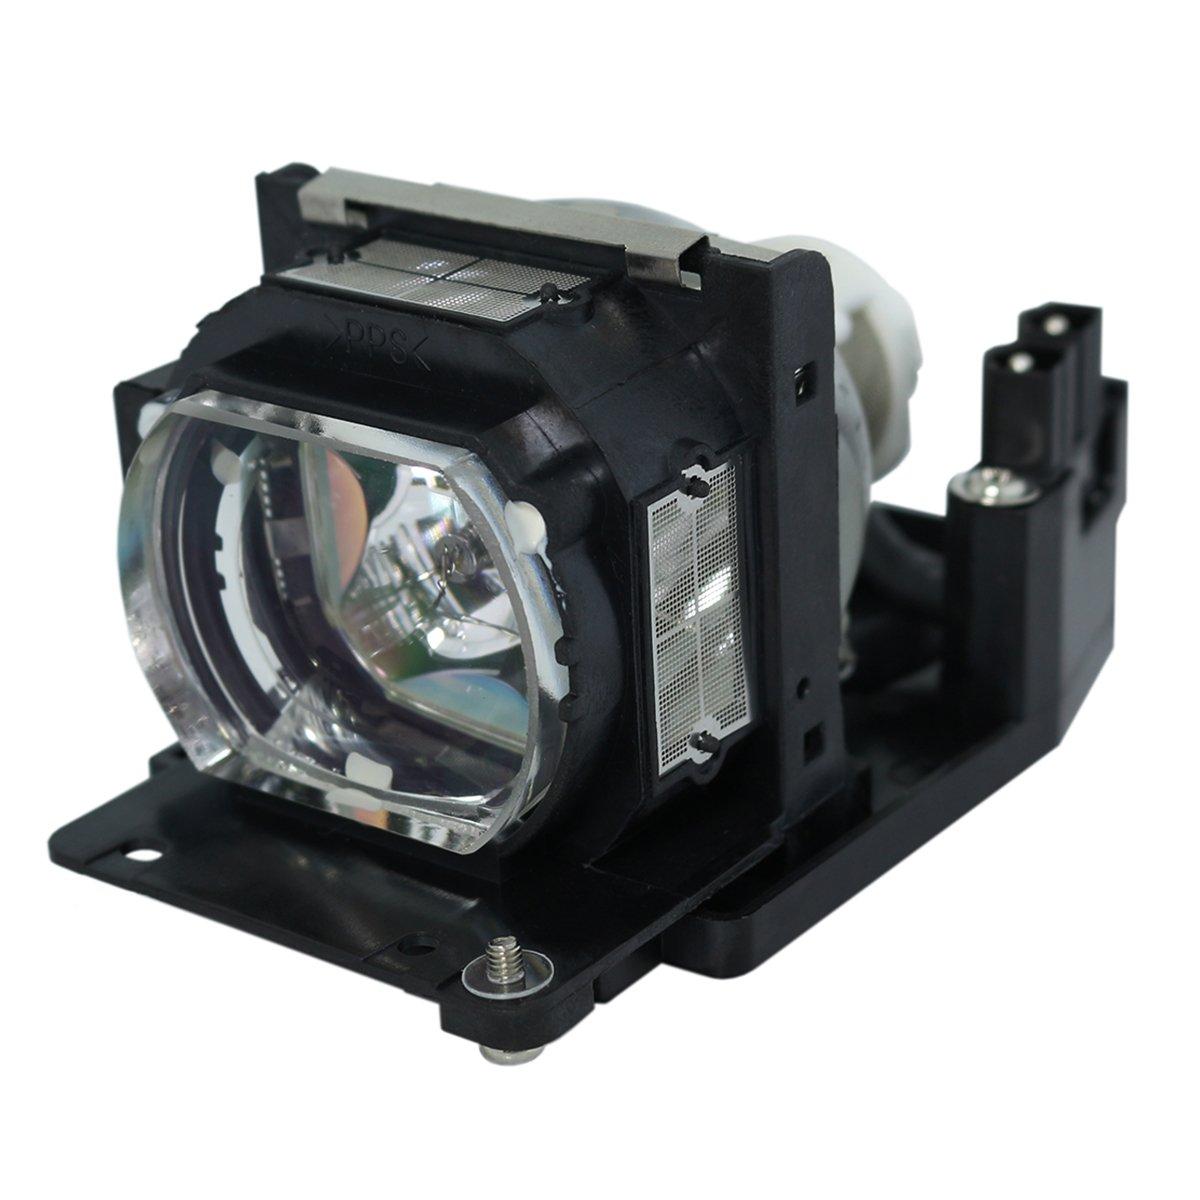 三菱LVP-XL4U用オリジナルUshioプロジェクター交換用ランプ Platinum (Brighter/Durable) Platinum (Brighter/Durable) Lamp with Housing B07L2B1F3L